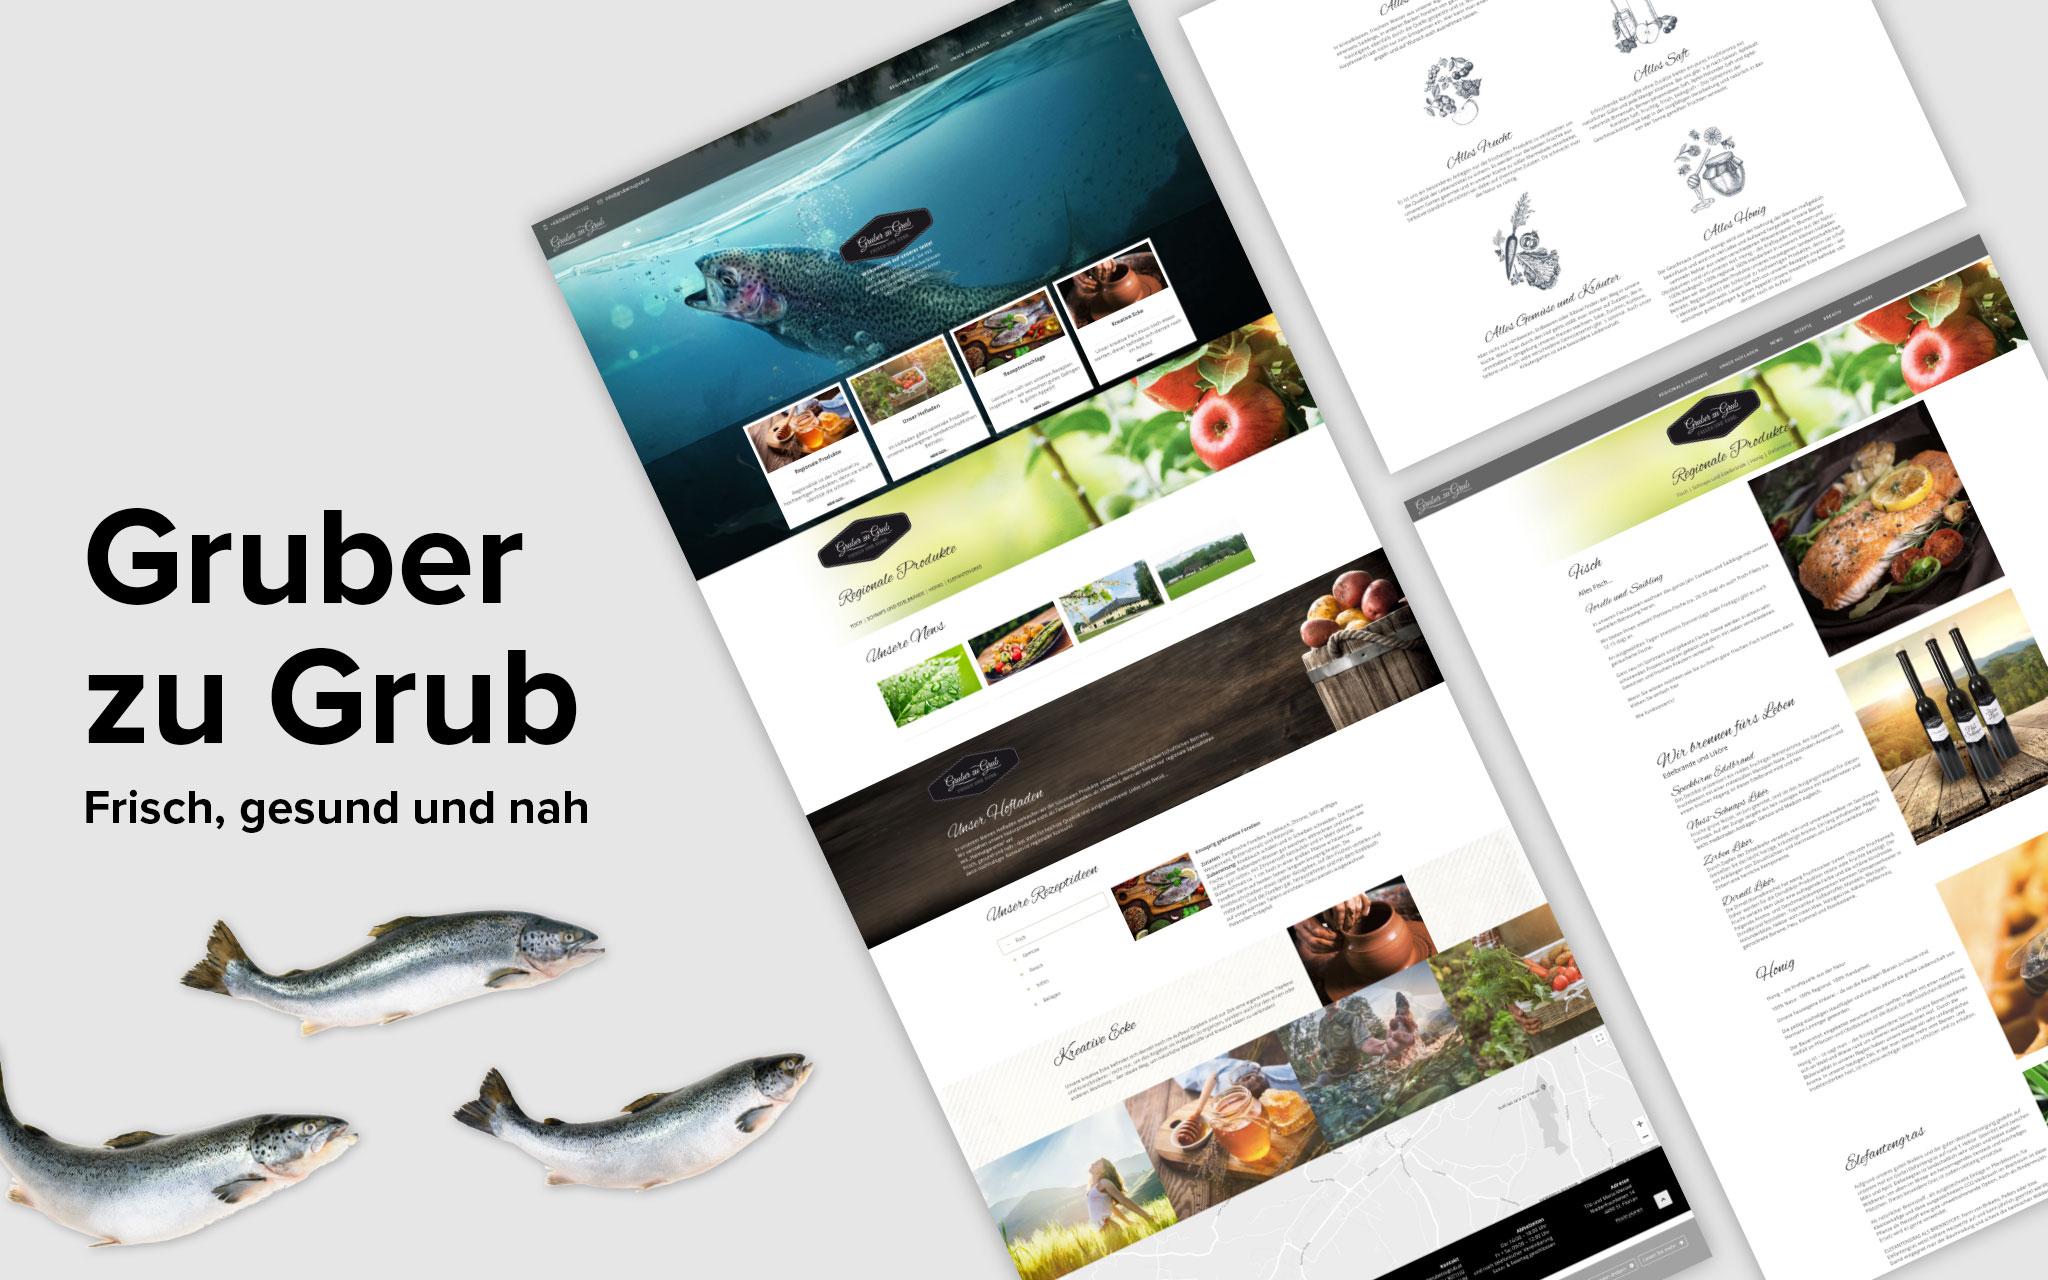 Menzel Gruber_zu_Grub